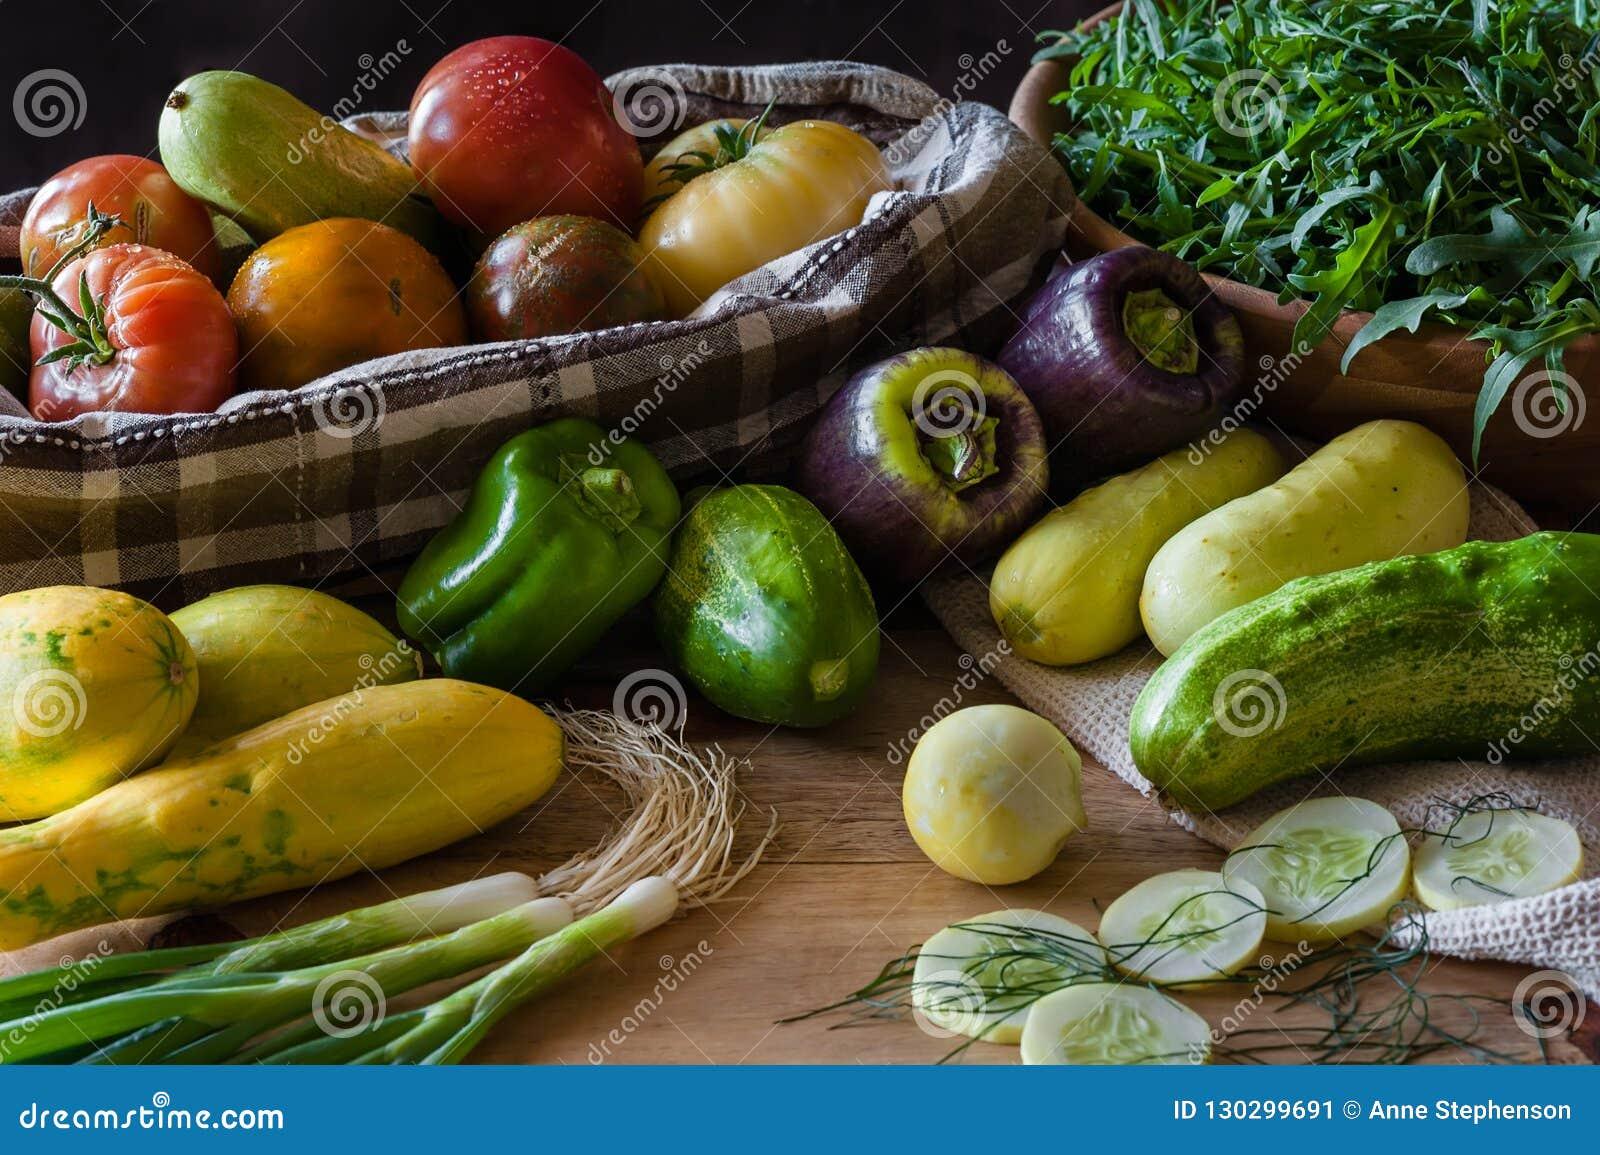 Una escena de la cocina con una generosidad de verduras recientemente escogidas